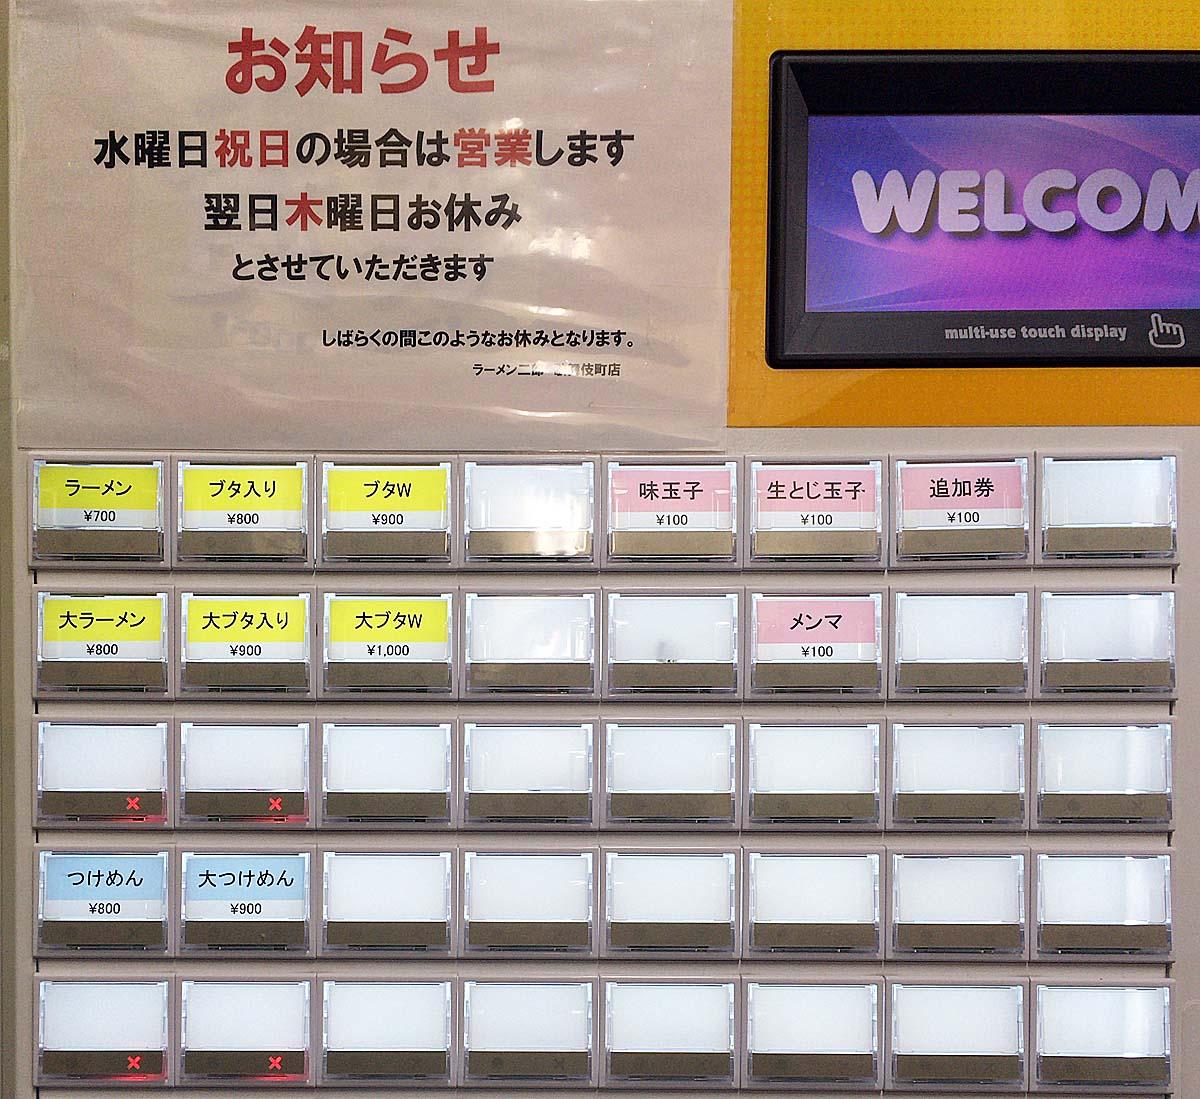 「ラーメン二郎 新宿歌舞伎町店」の券売機メニュー一覧